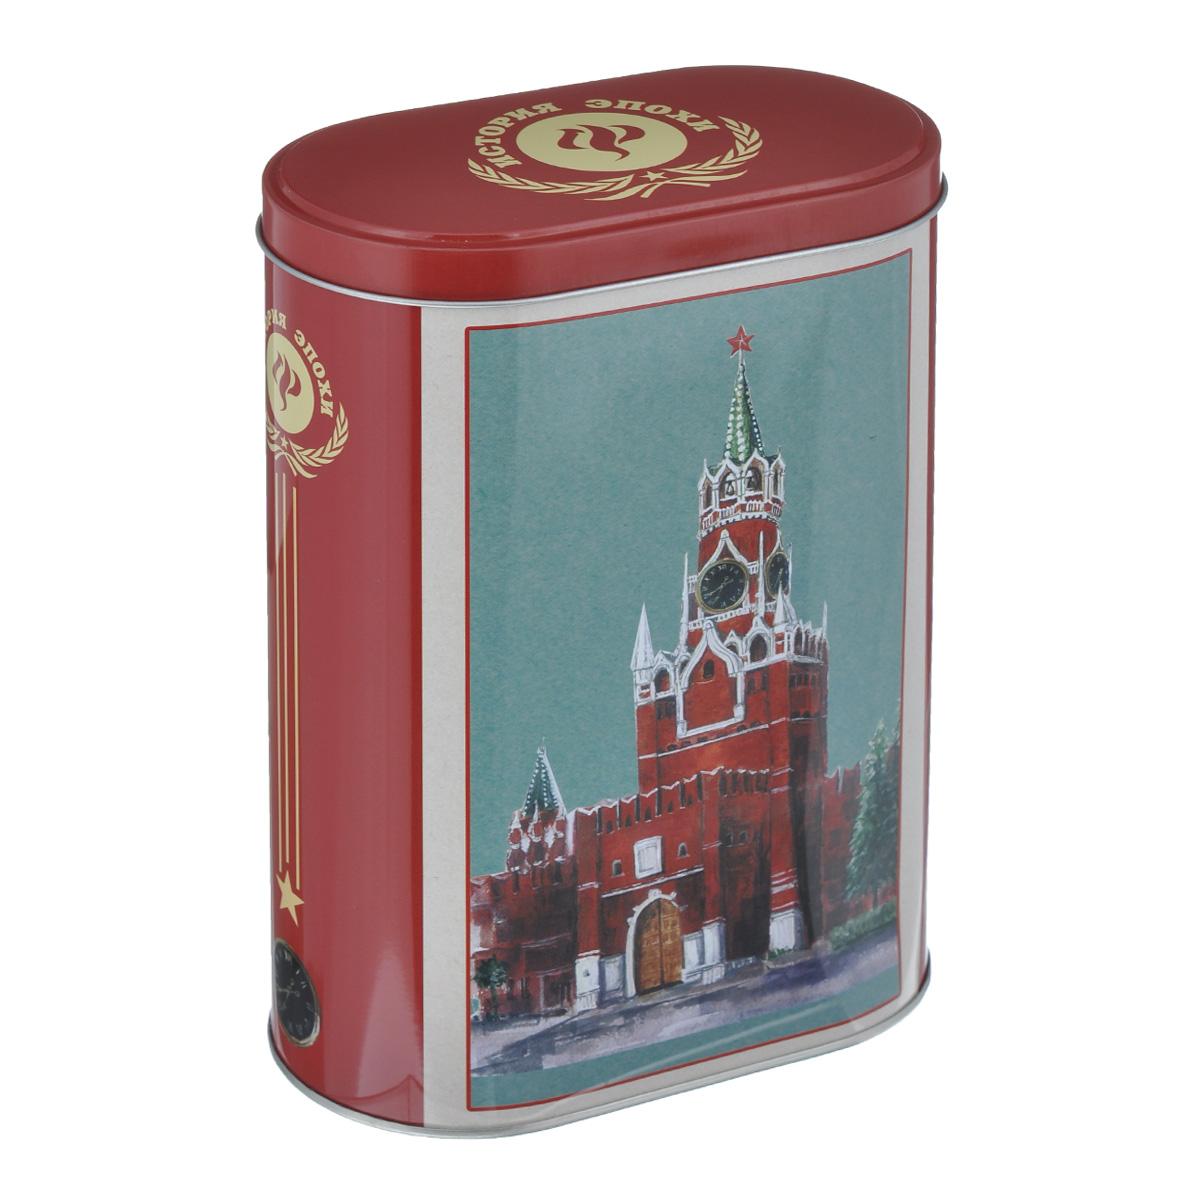 Банка для сыпучих продуктов Феникс-презент Кремль, 1,5 л емкости неполимерные sestesi банка для сыпучих продуктов с крышкой овощи